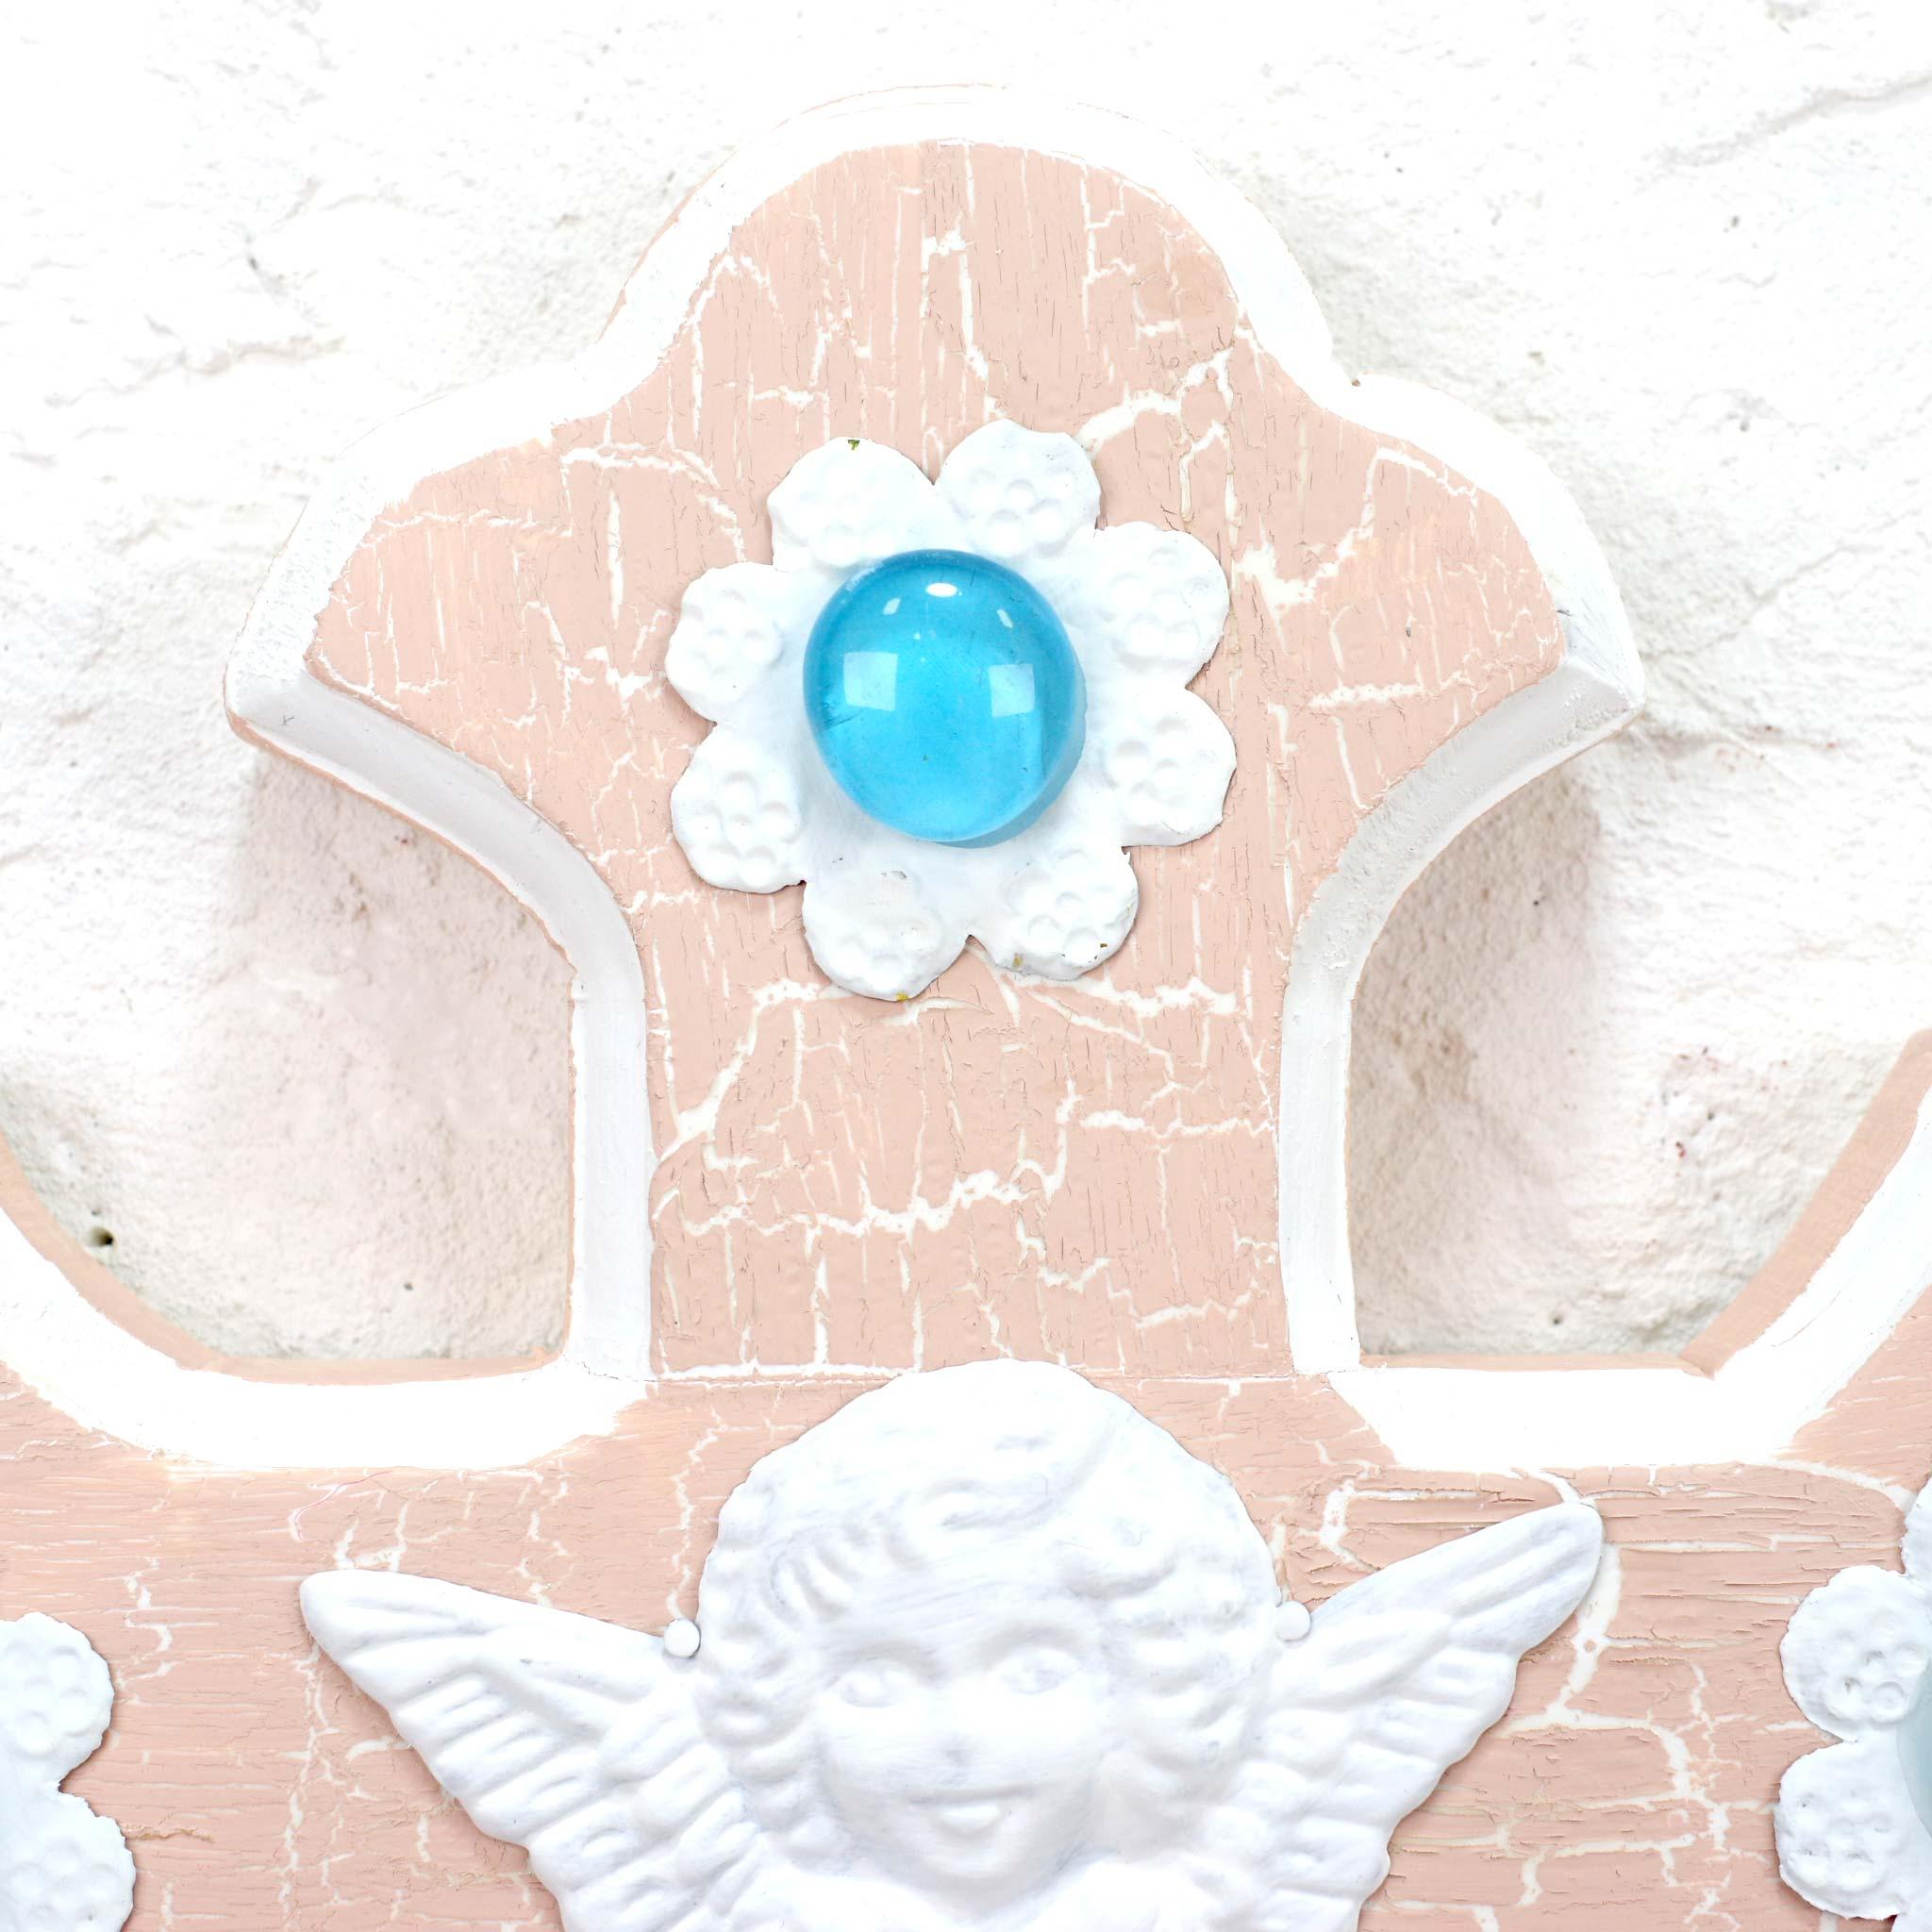 """""""パステルクロス,ビンテージクロス,diablaクロス,diabla2021feb,天使クロス,エンジェルクロス,天使,エンジェル,クロス,十字架,壁掛け,壁飾り,インテリア,メキシコ雑貨,メキシコ雑貨PAD"""""""